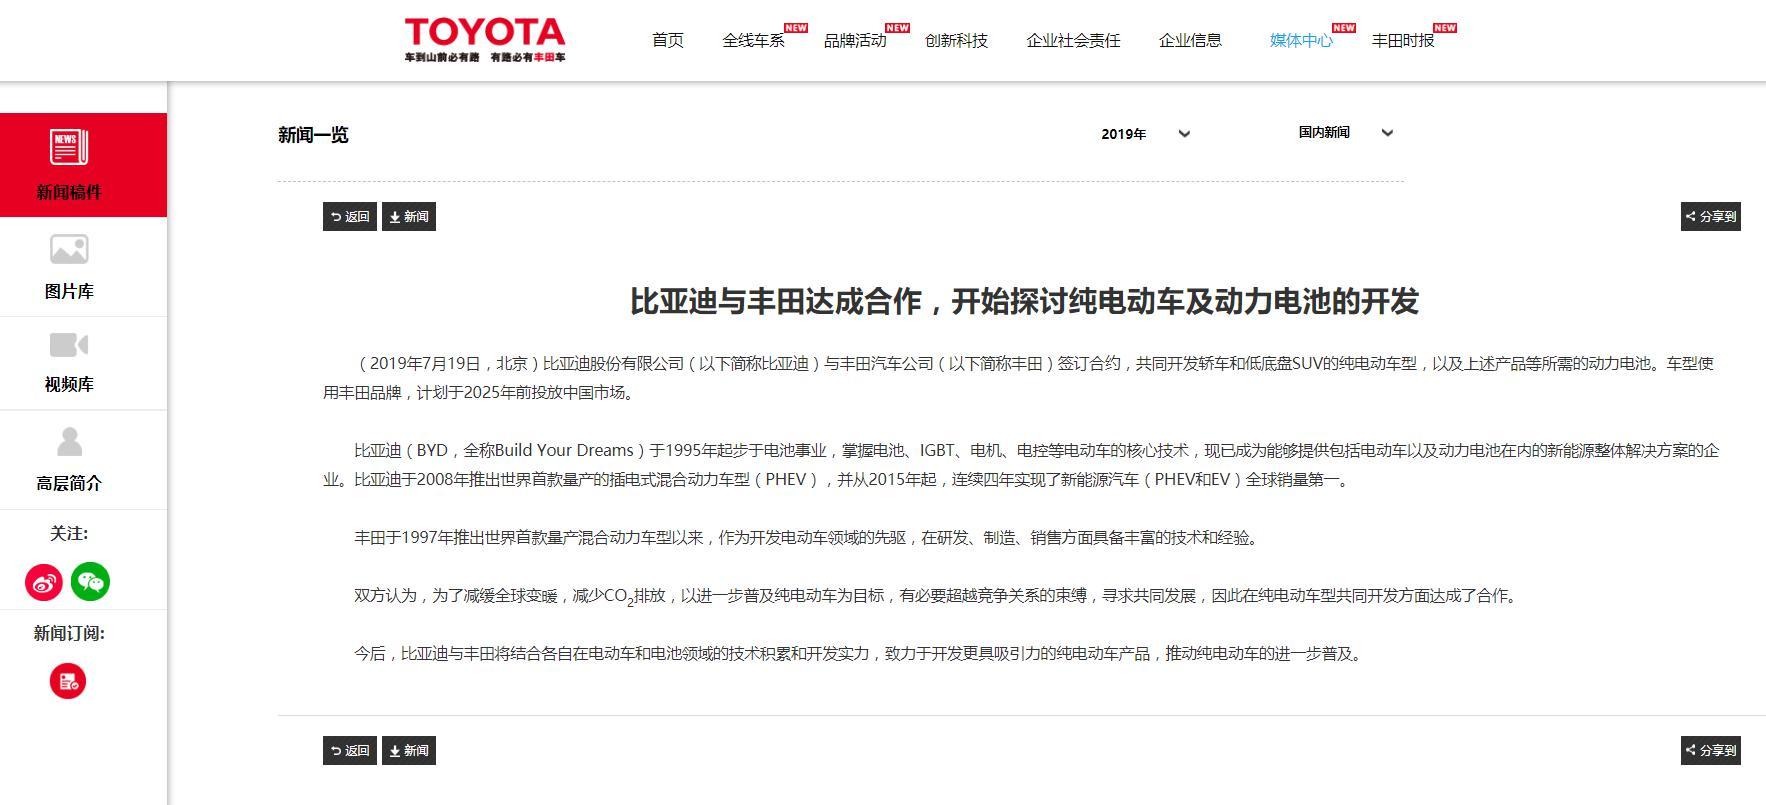 丰田在官方平台发布的声明截图